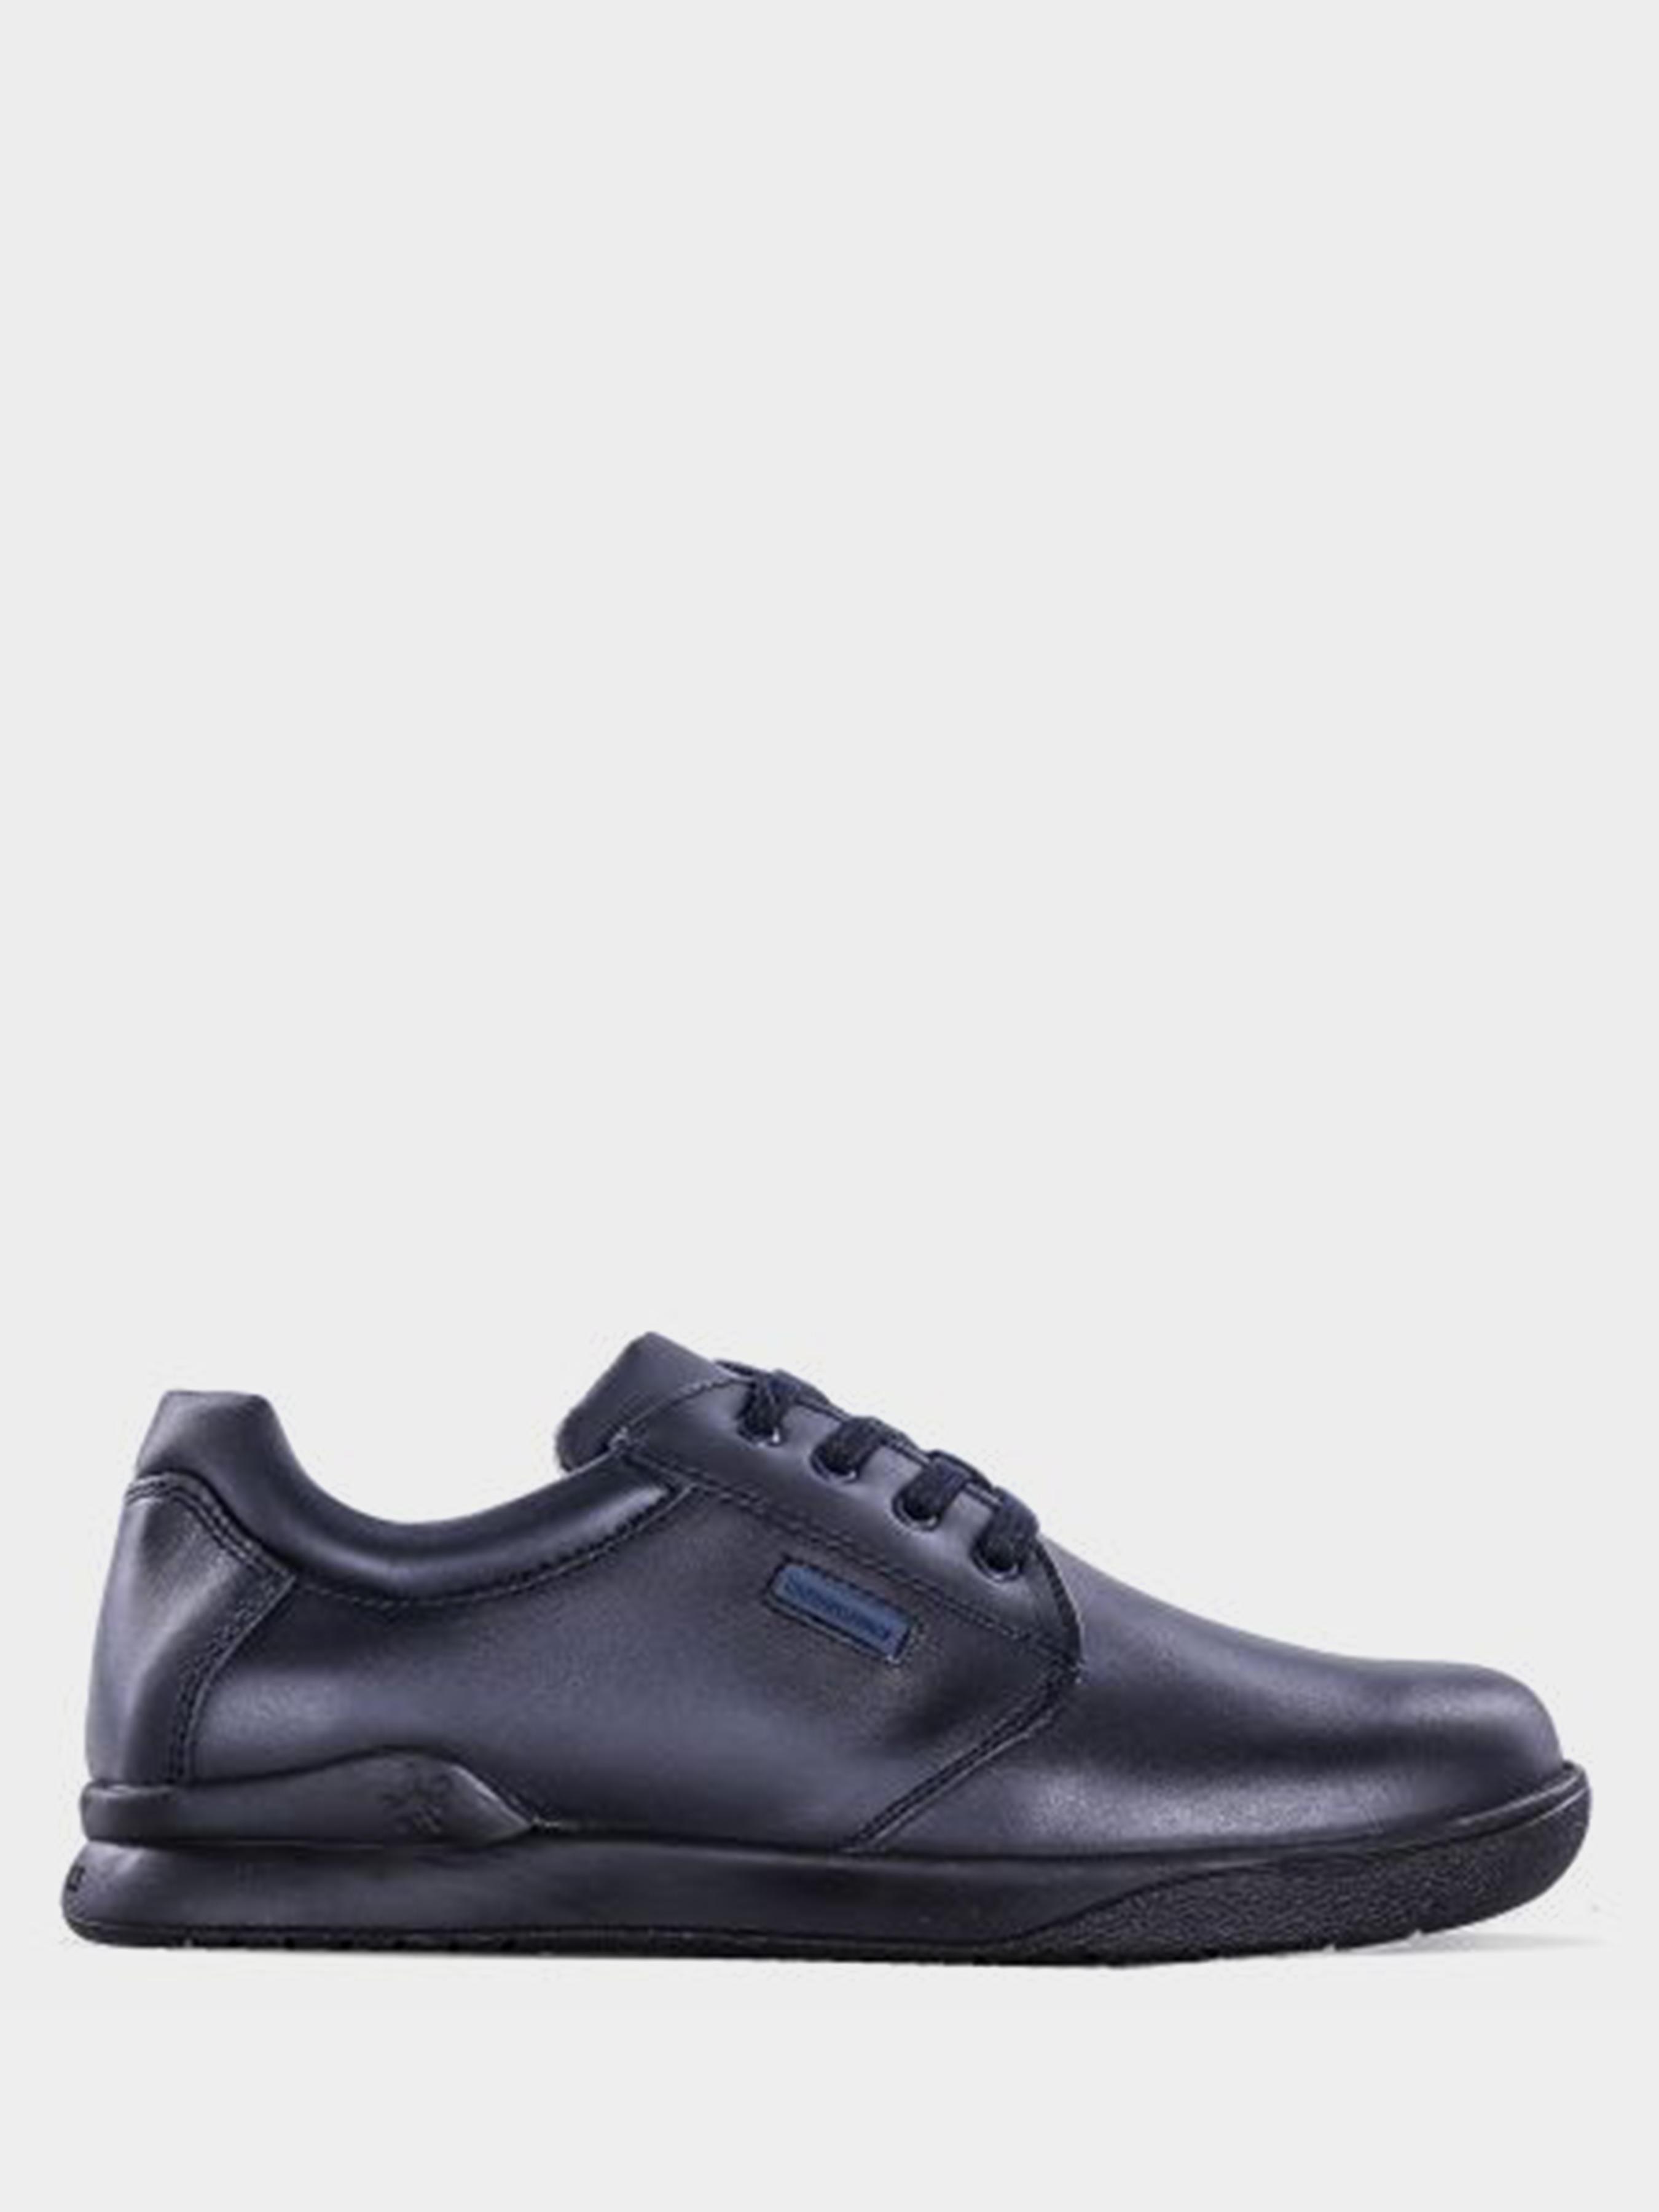 Ботинки для детей Biomecanics AZUL MARINO (NAPA) YV321 брендовая обувь, 2017